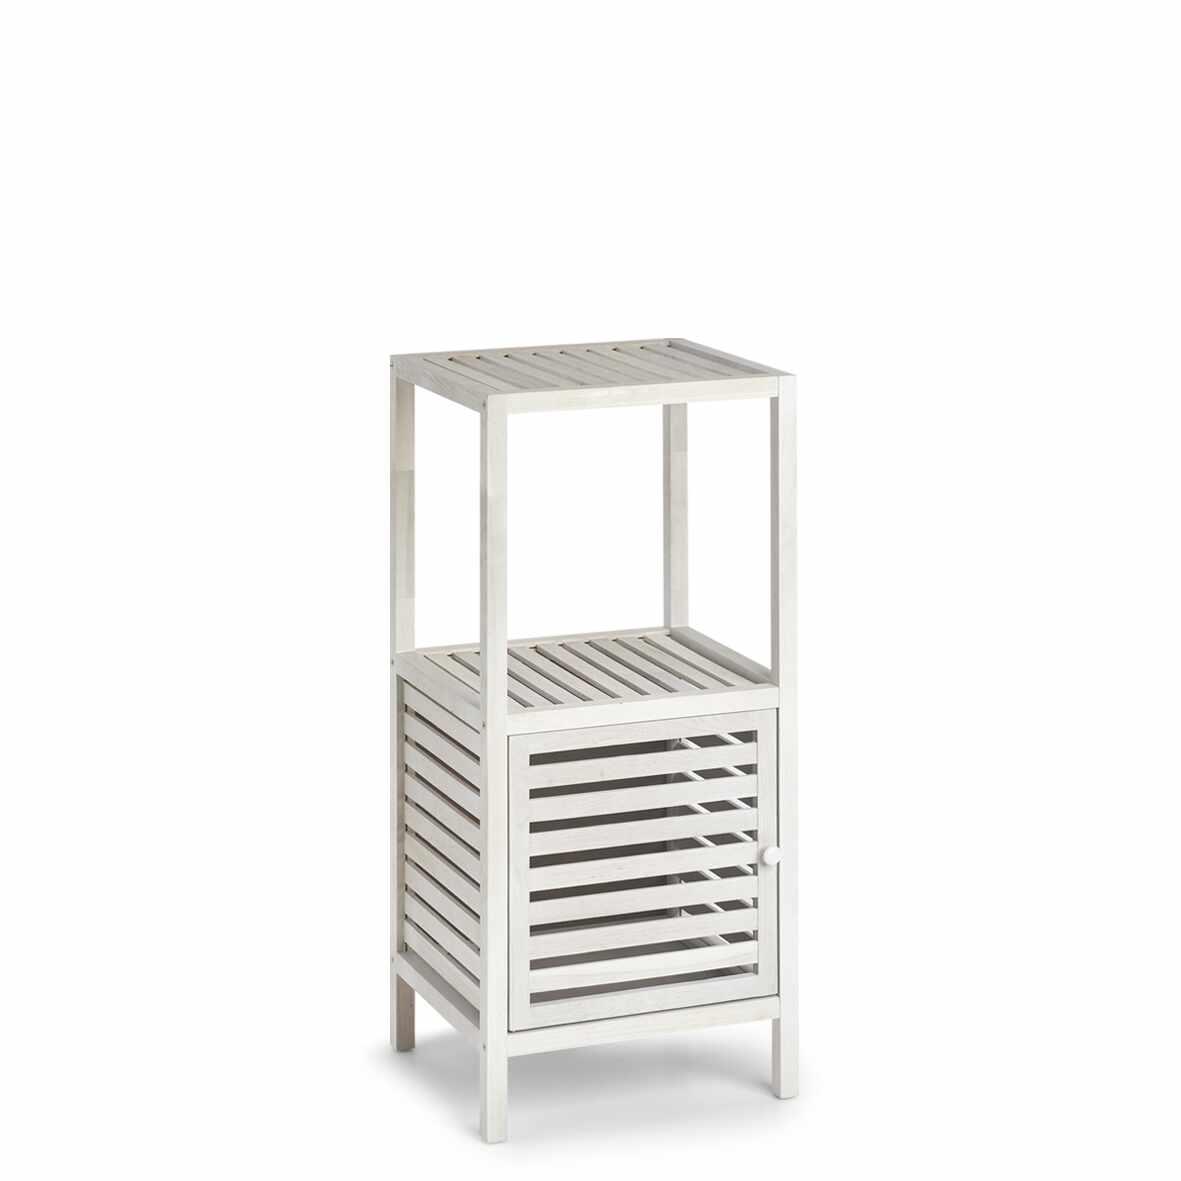 Cabinet din lemn cu 1 usa Wood Alb / Natural, l39,5xA35,5xH86,5 cm la pret 411 lei